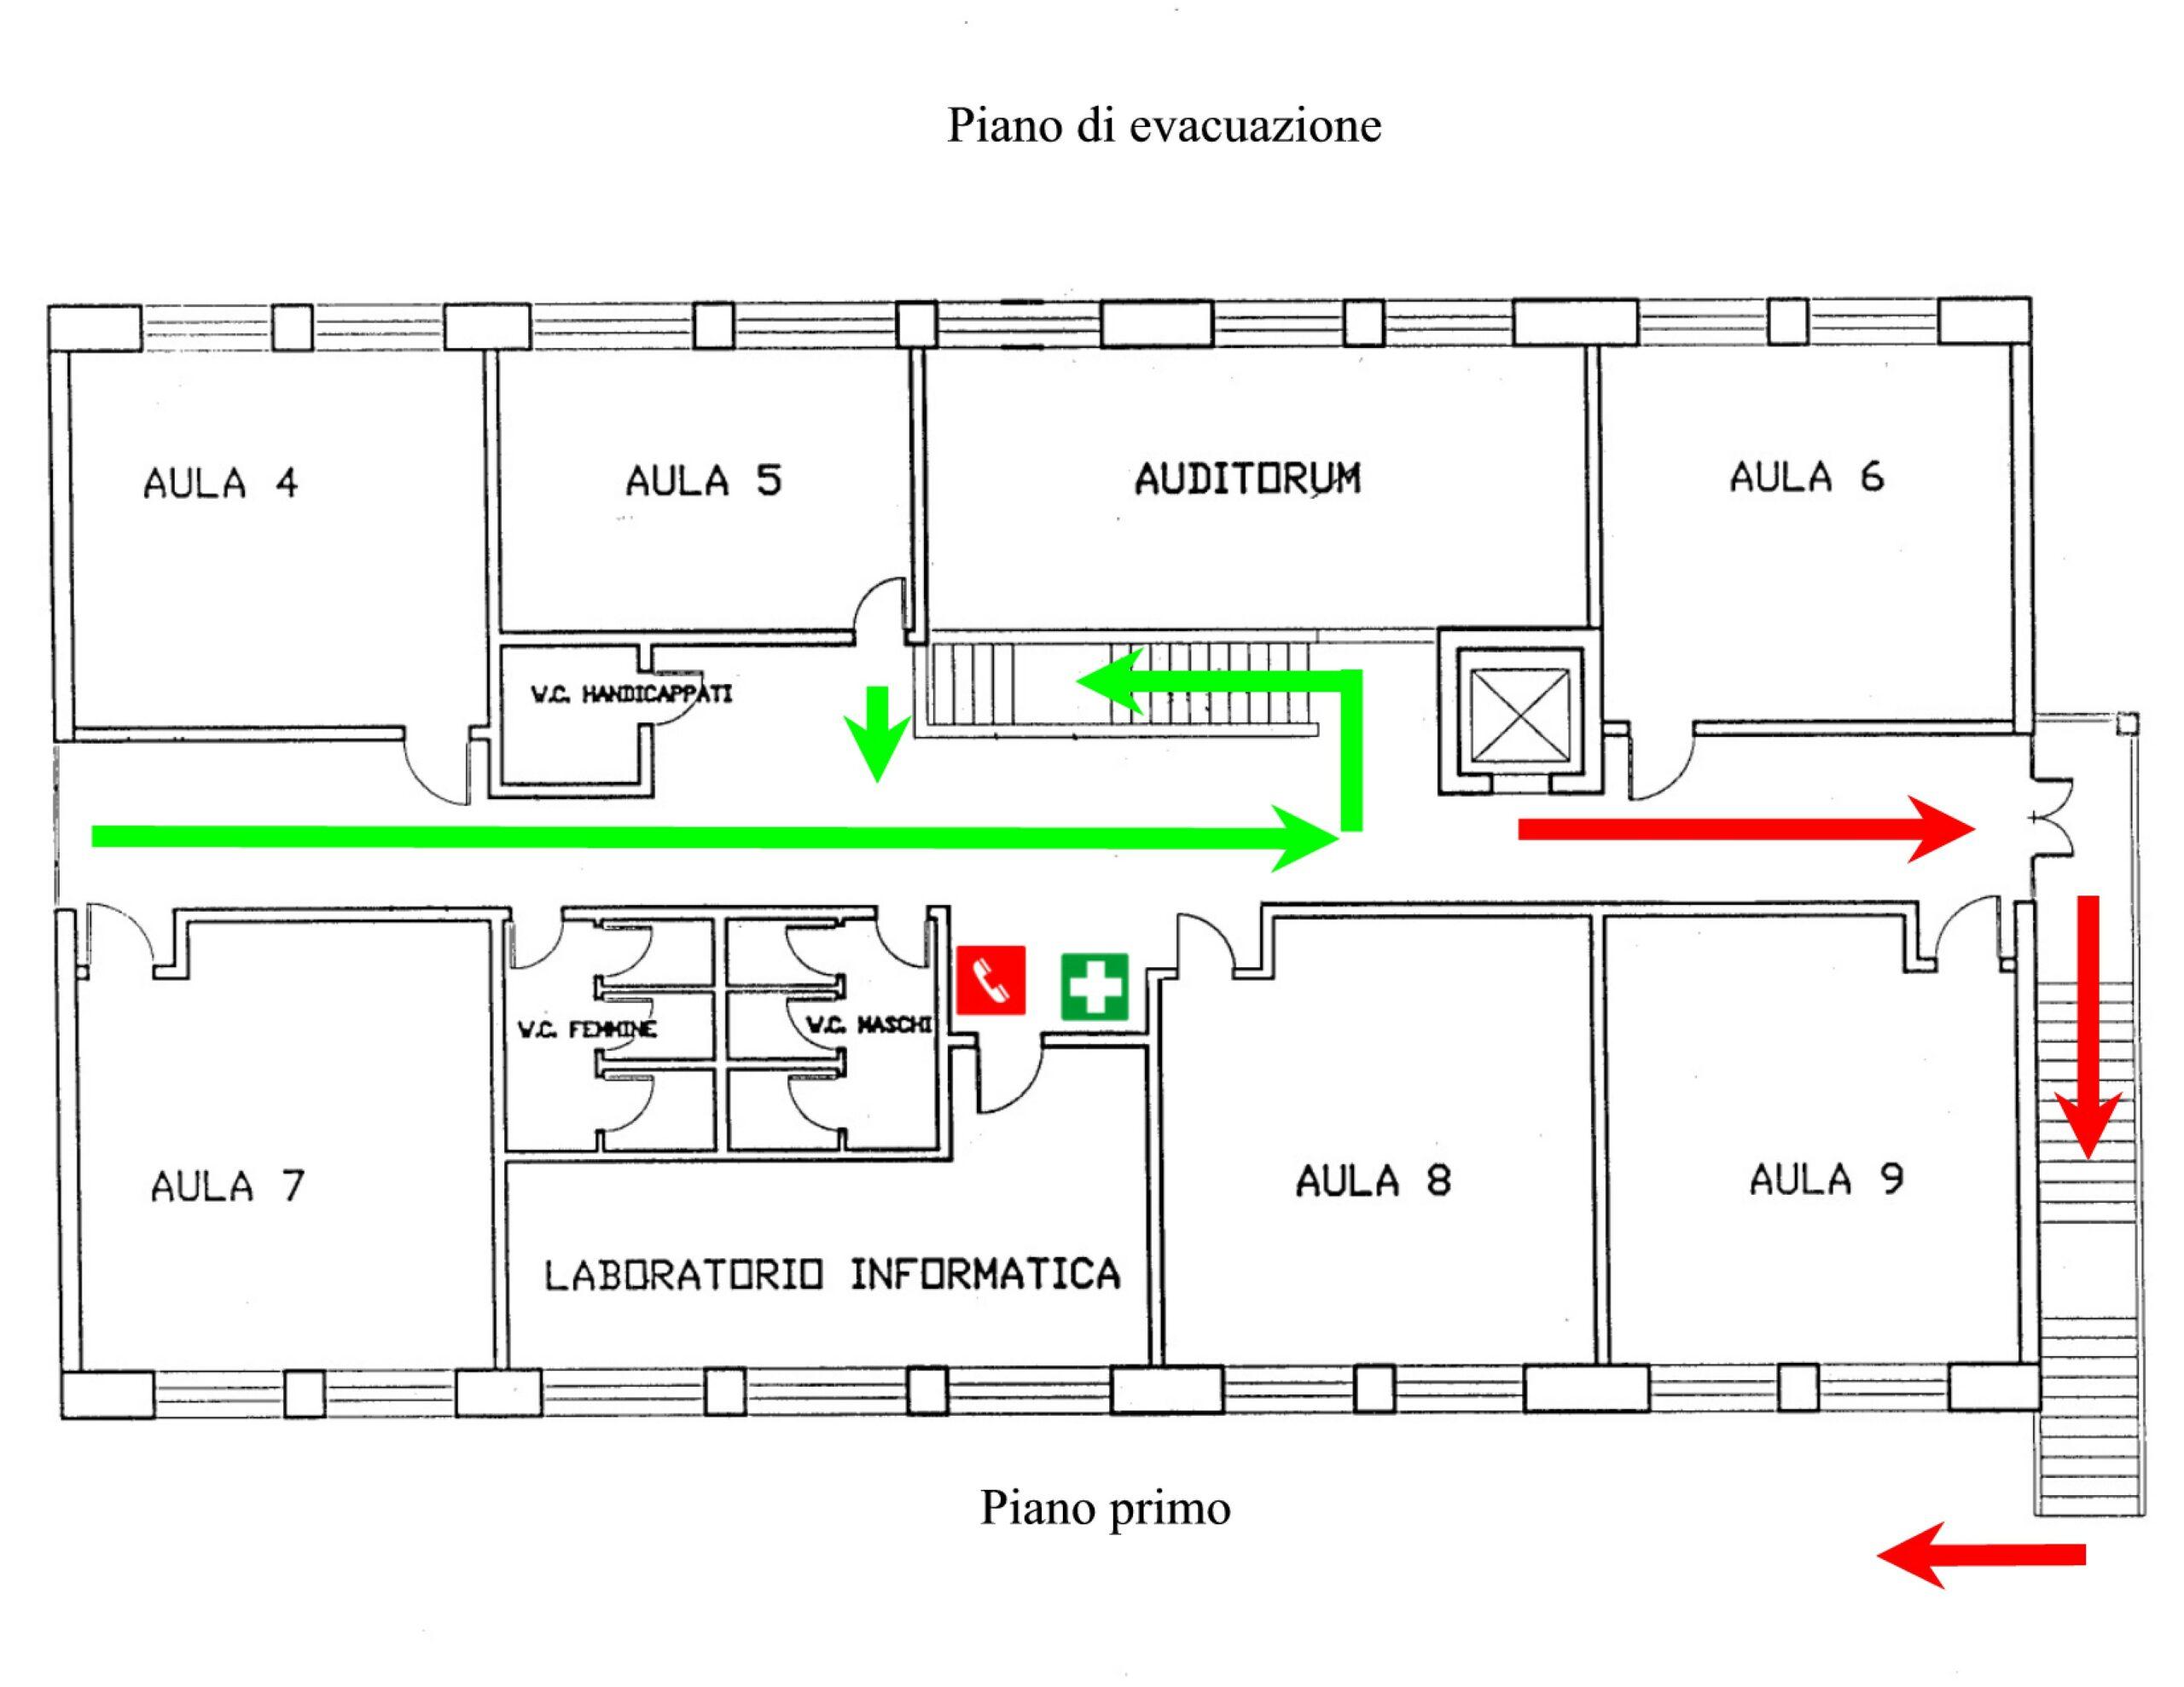 Piano di emergenza con planimetrie ecloga italia s p a for Planimetrie piano piano gratuito